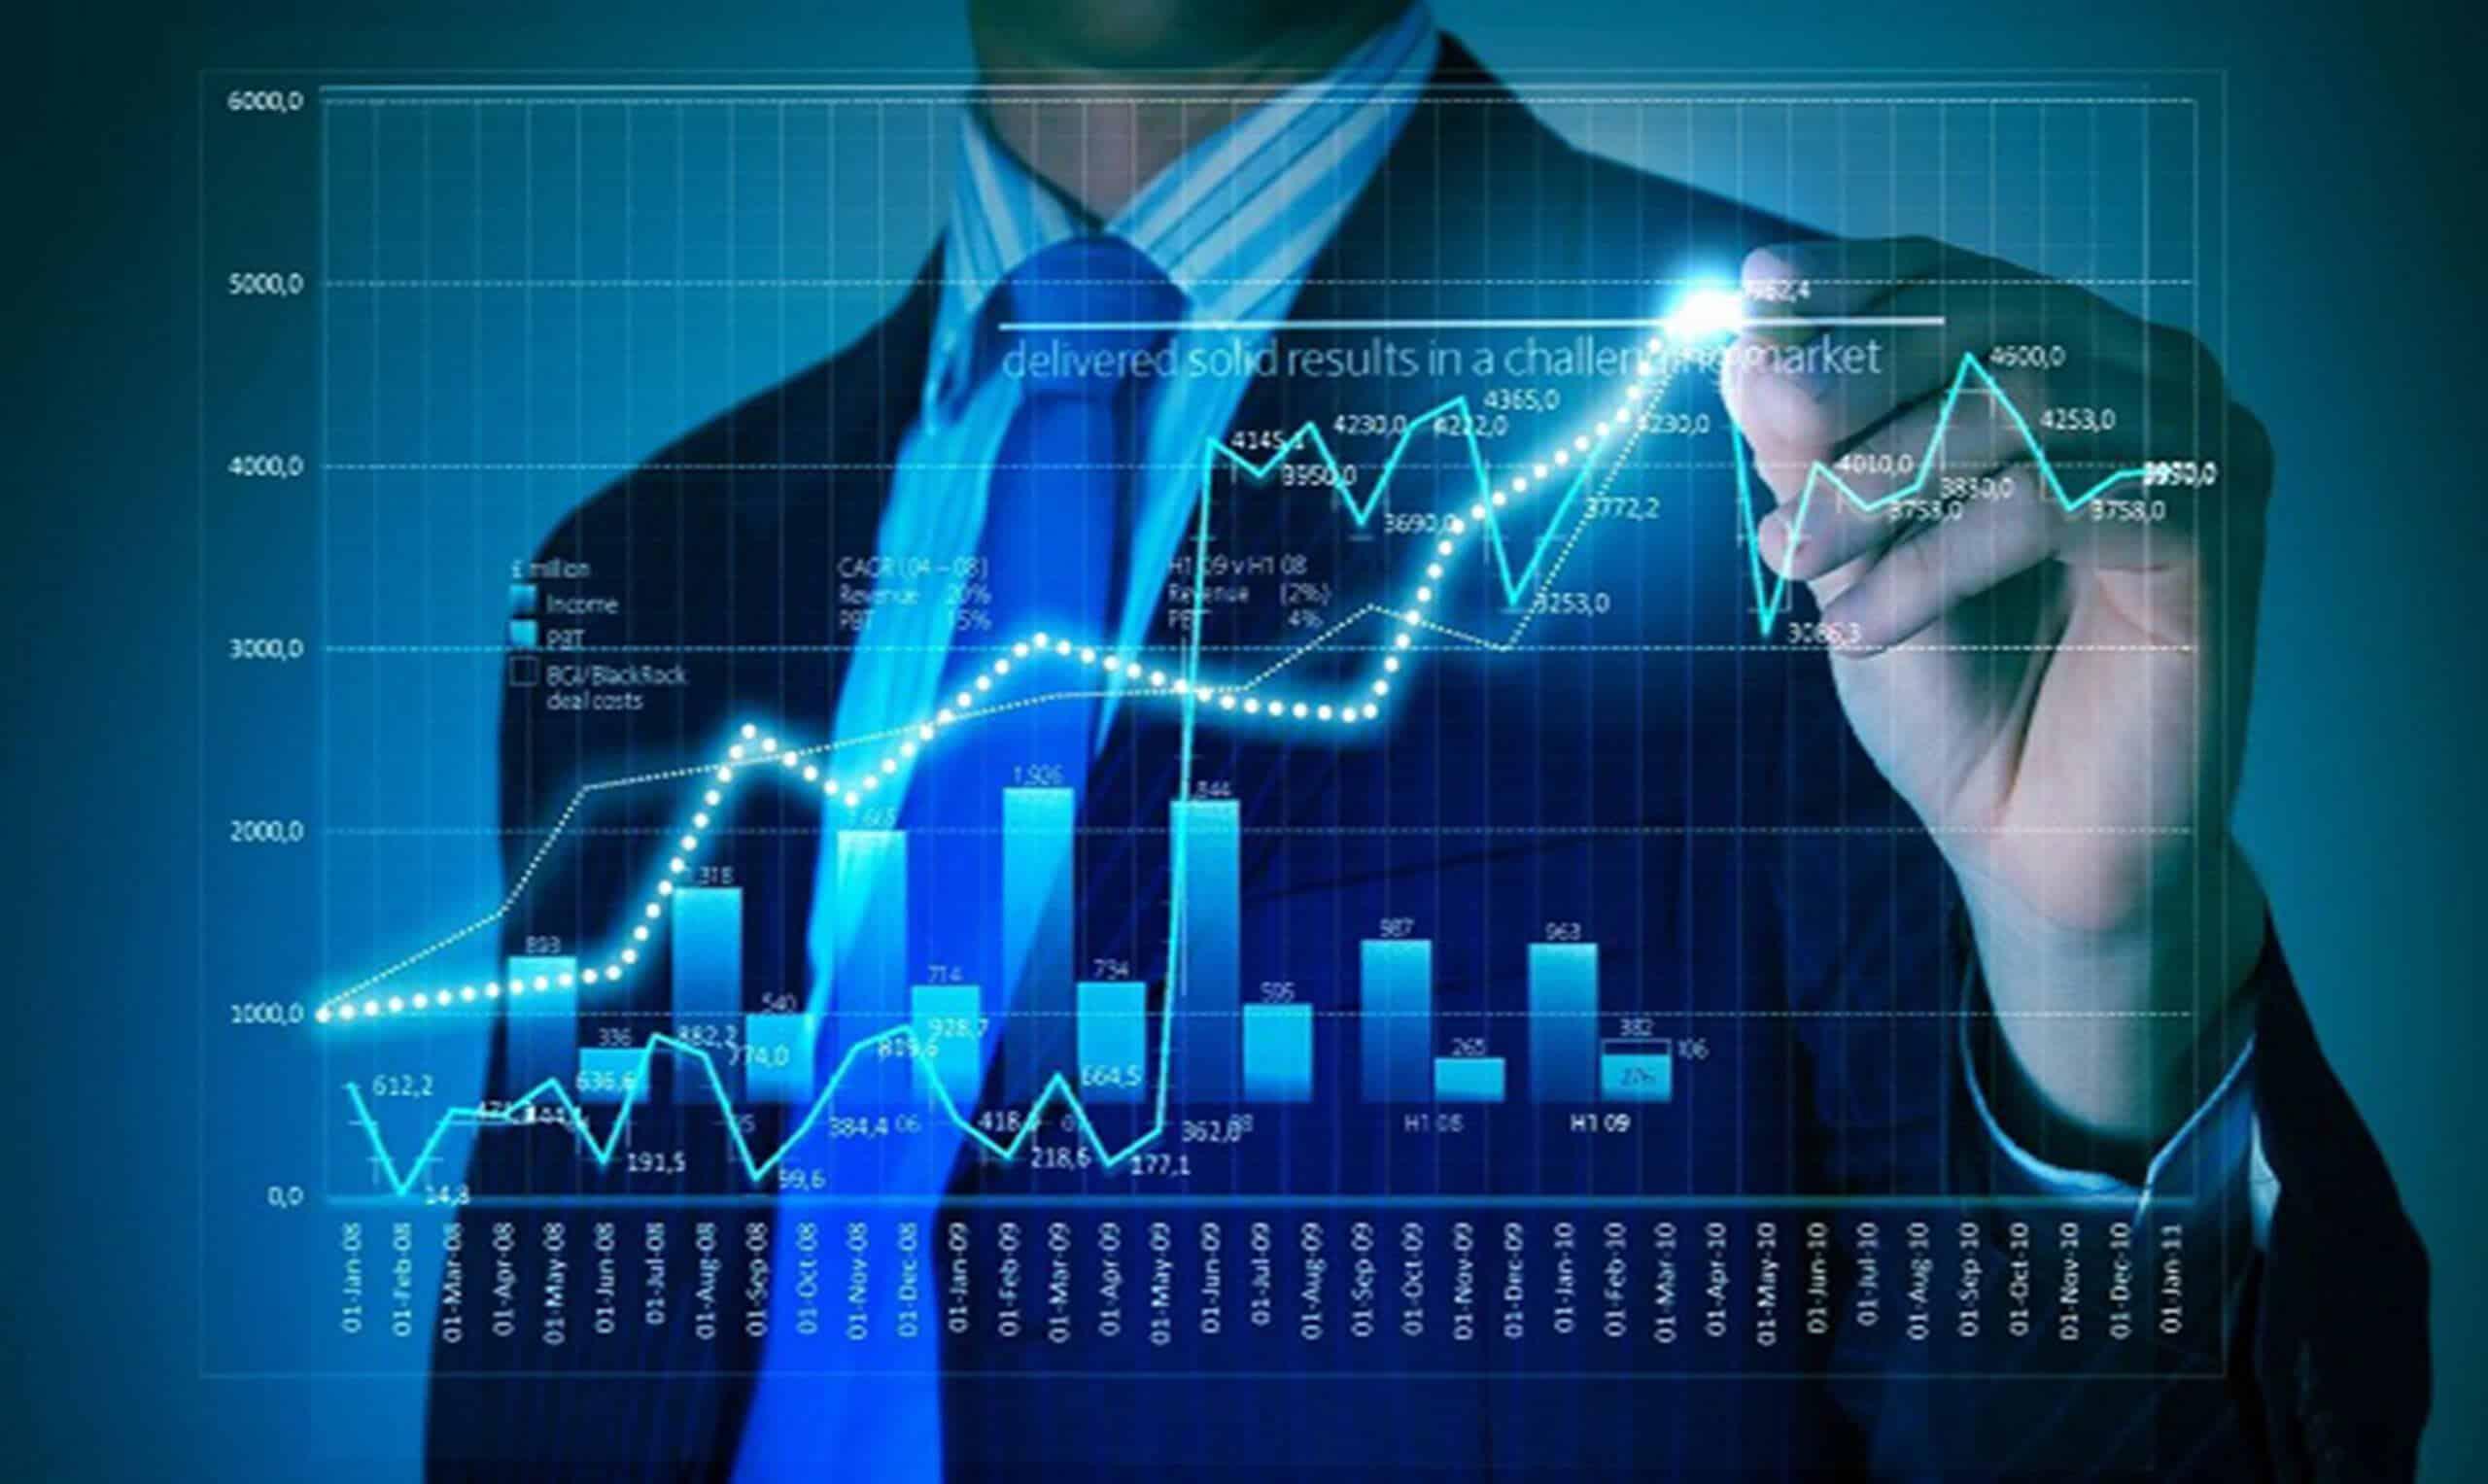 Thị trường chứng khoán là gì? Có nên đầu tư vào thị trường chứng khoán  không?